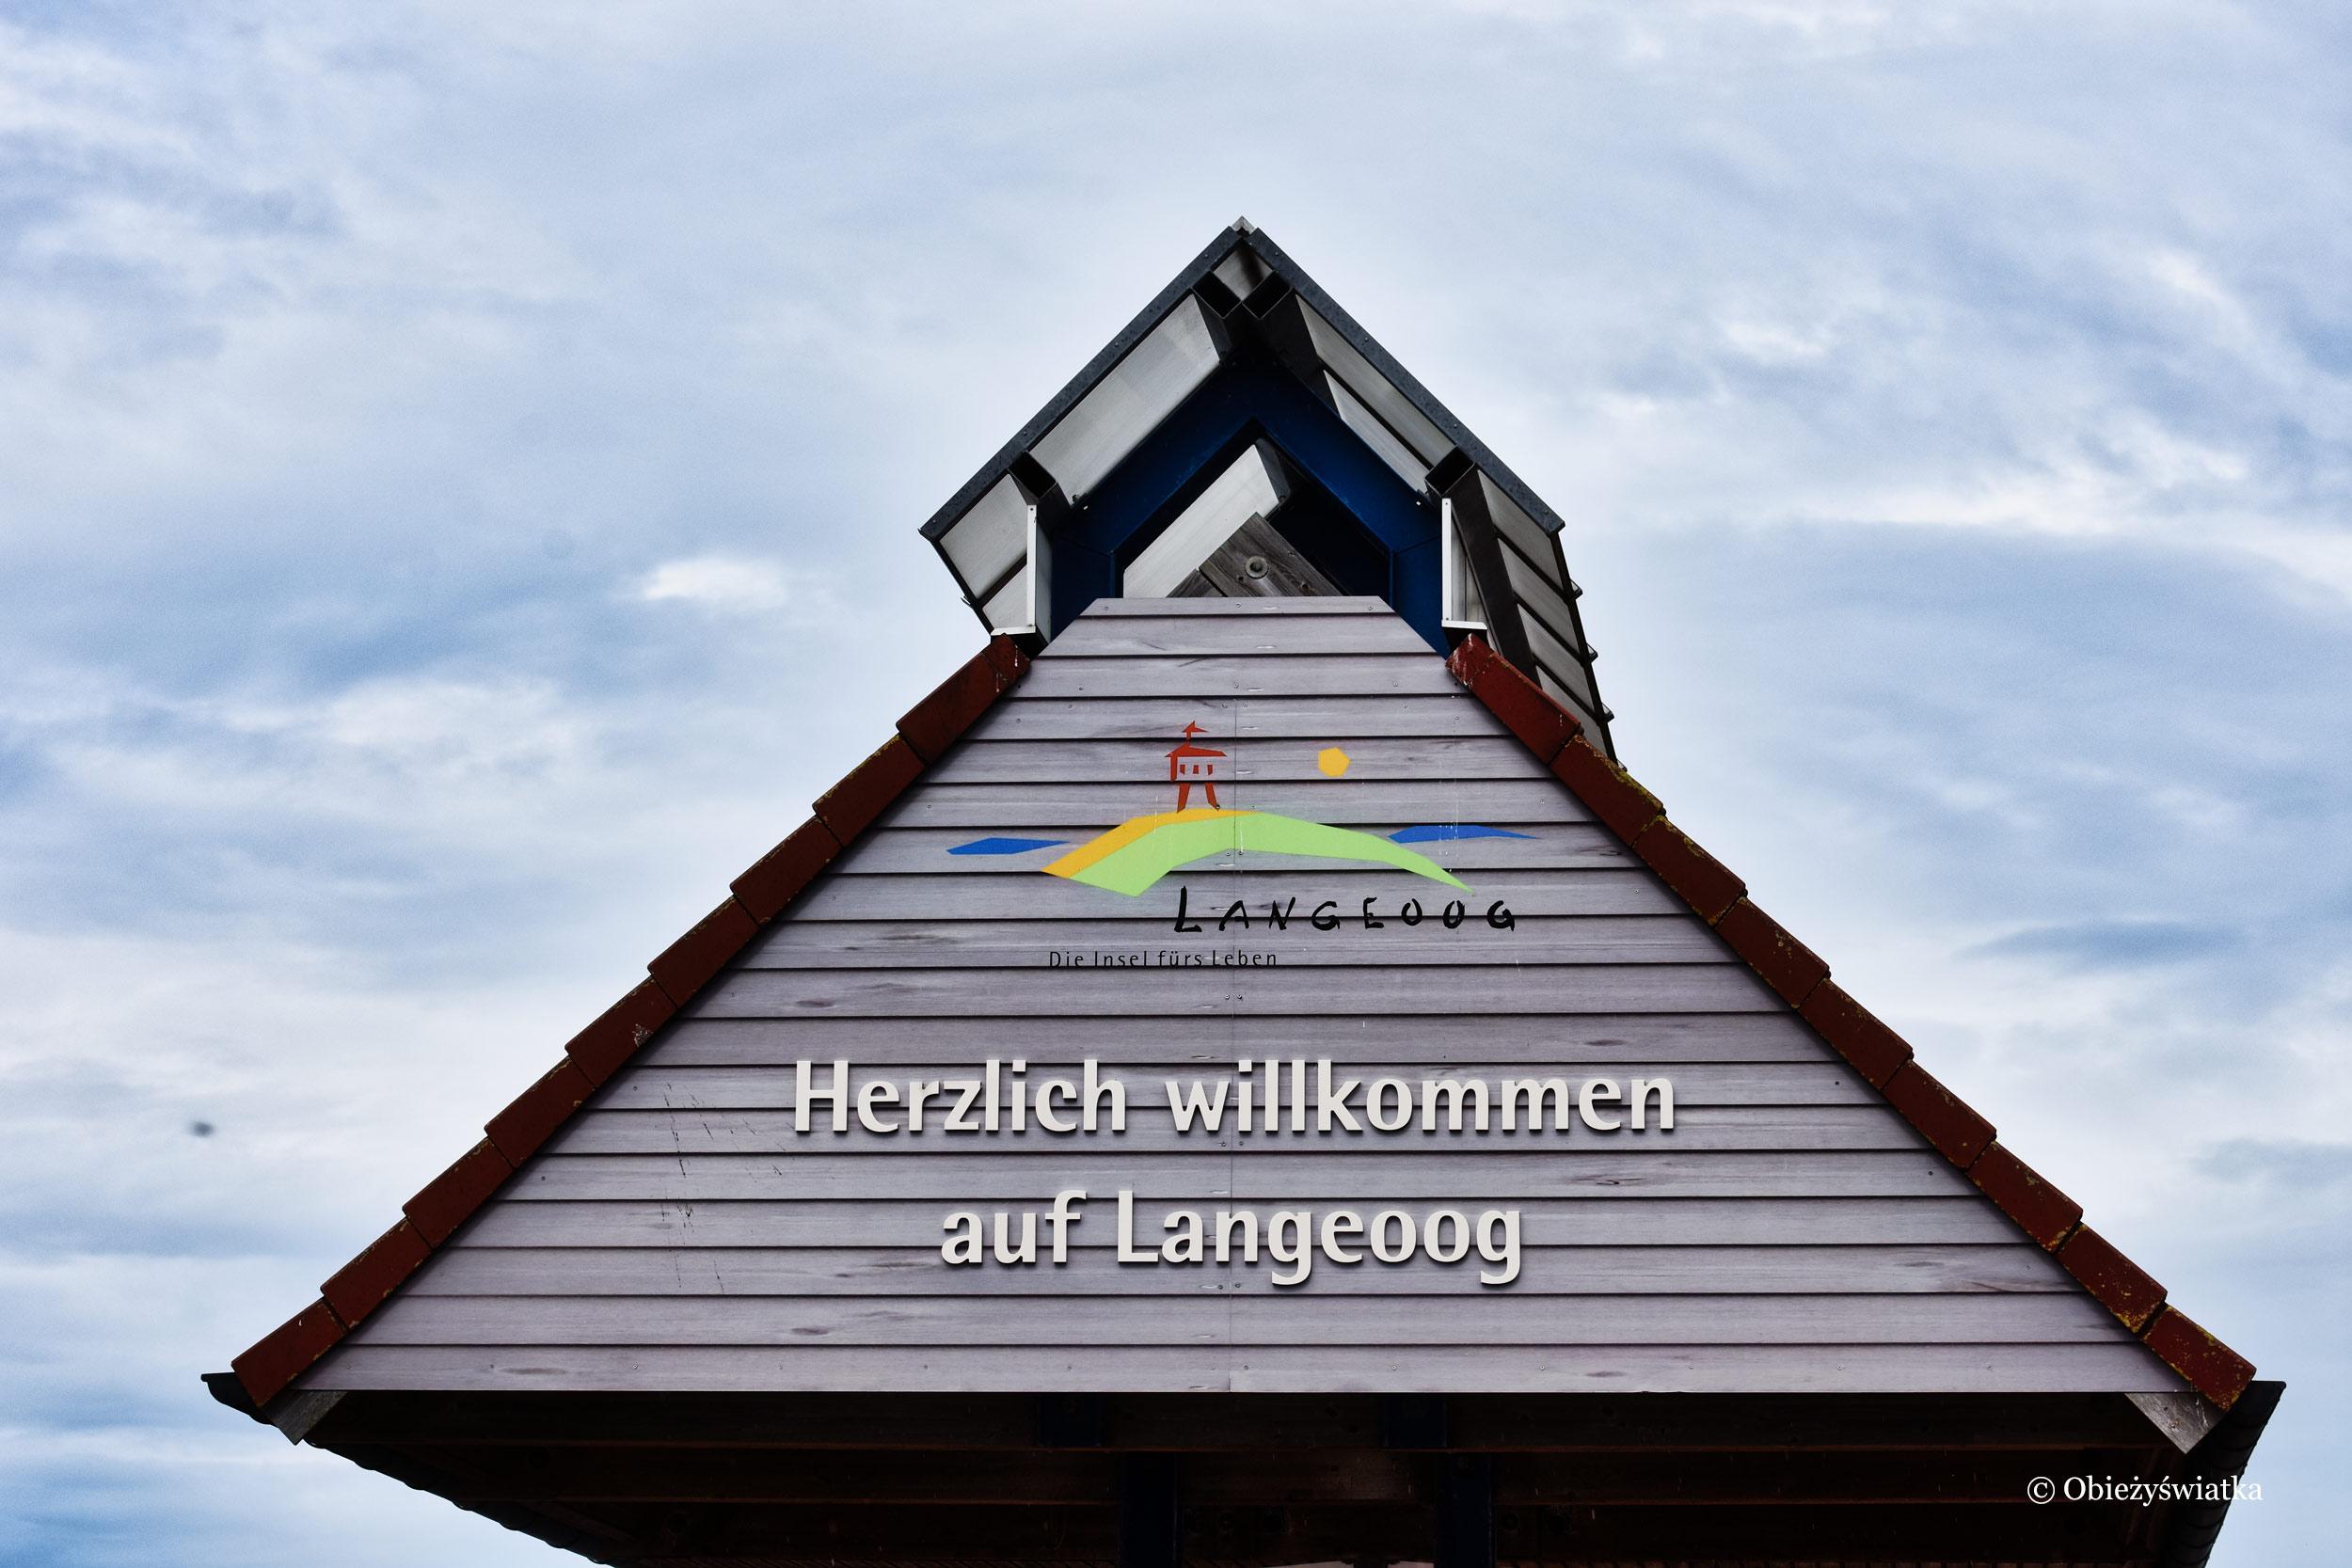 Serdecznie witamy na Wyspie Langeoog, Niemcy